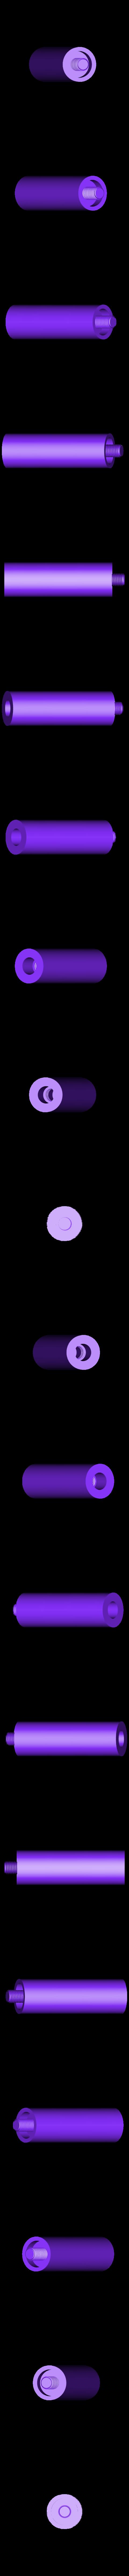 BottomRod_34in.stl Télécharger fichier STL gratuit Porte-bobine universel - Ancienne version • Design à imprimer en 3D, Balkhagal4D